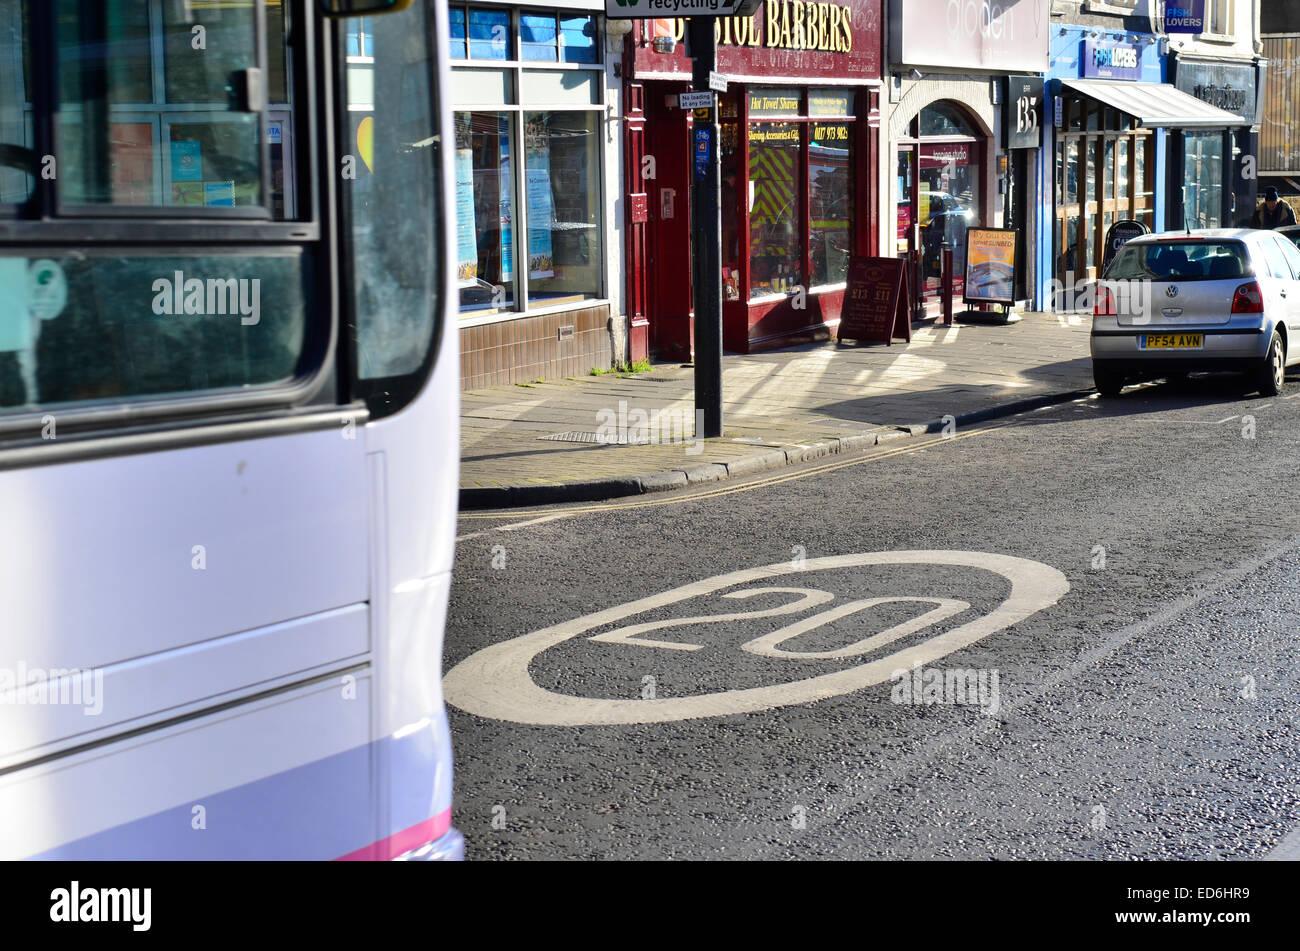 UK.La maggior parte di Bristol coperti da una 20 km/h il limite massimo di velocità.posizione mostrata Whiteladies Road. Robert Timoney/Alamy Foto Stock